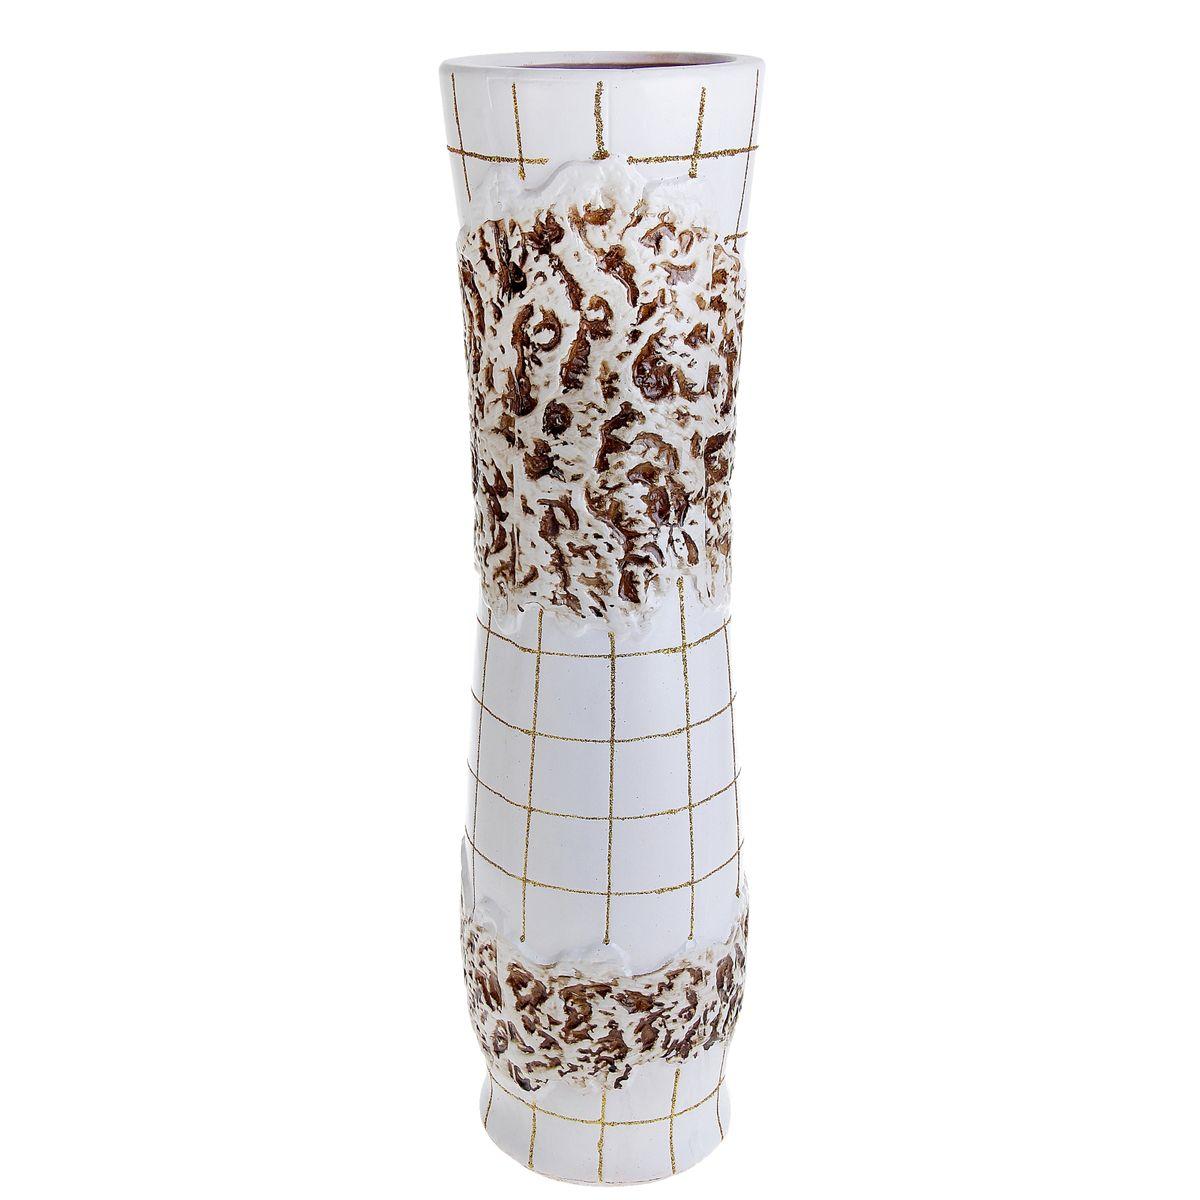 Ваза напольная Цветочная плитка, цвет: белый, высота 60 см. 913550 ваза русские подарки винтаж высота 31 см 123710